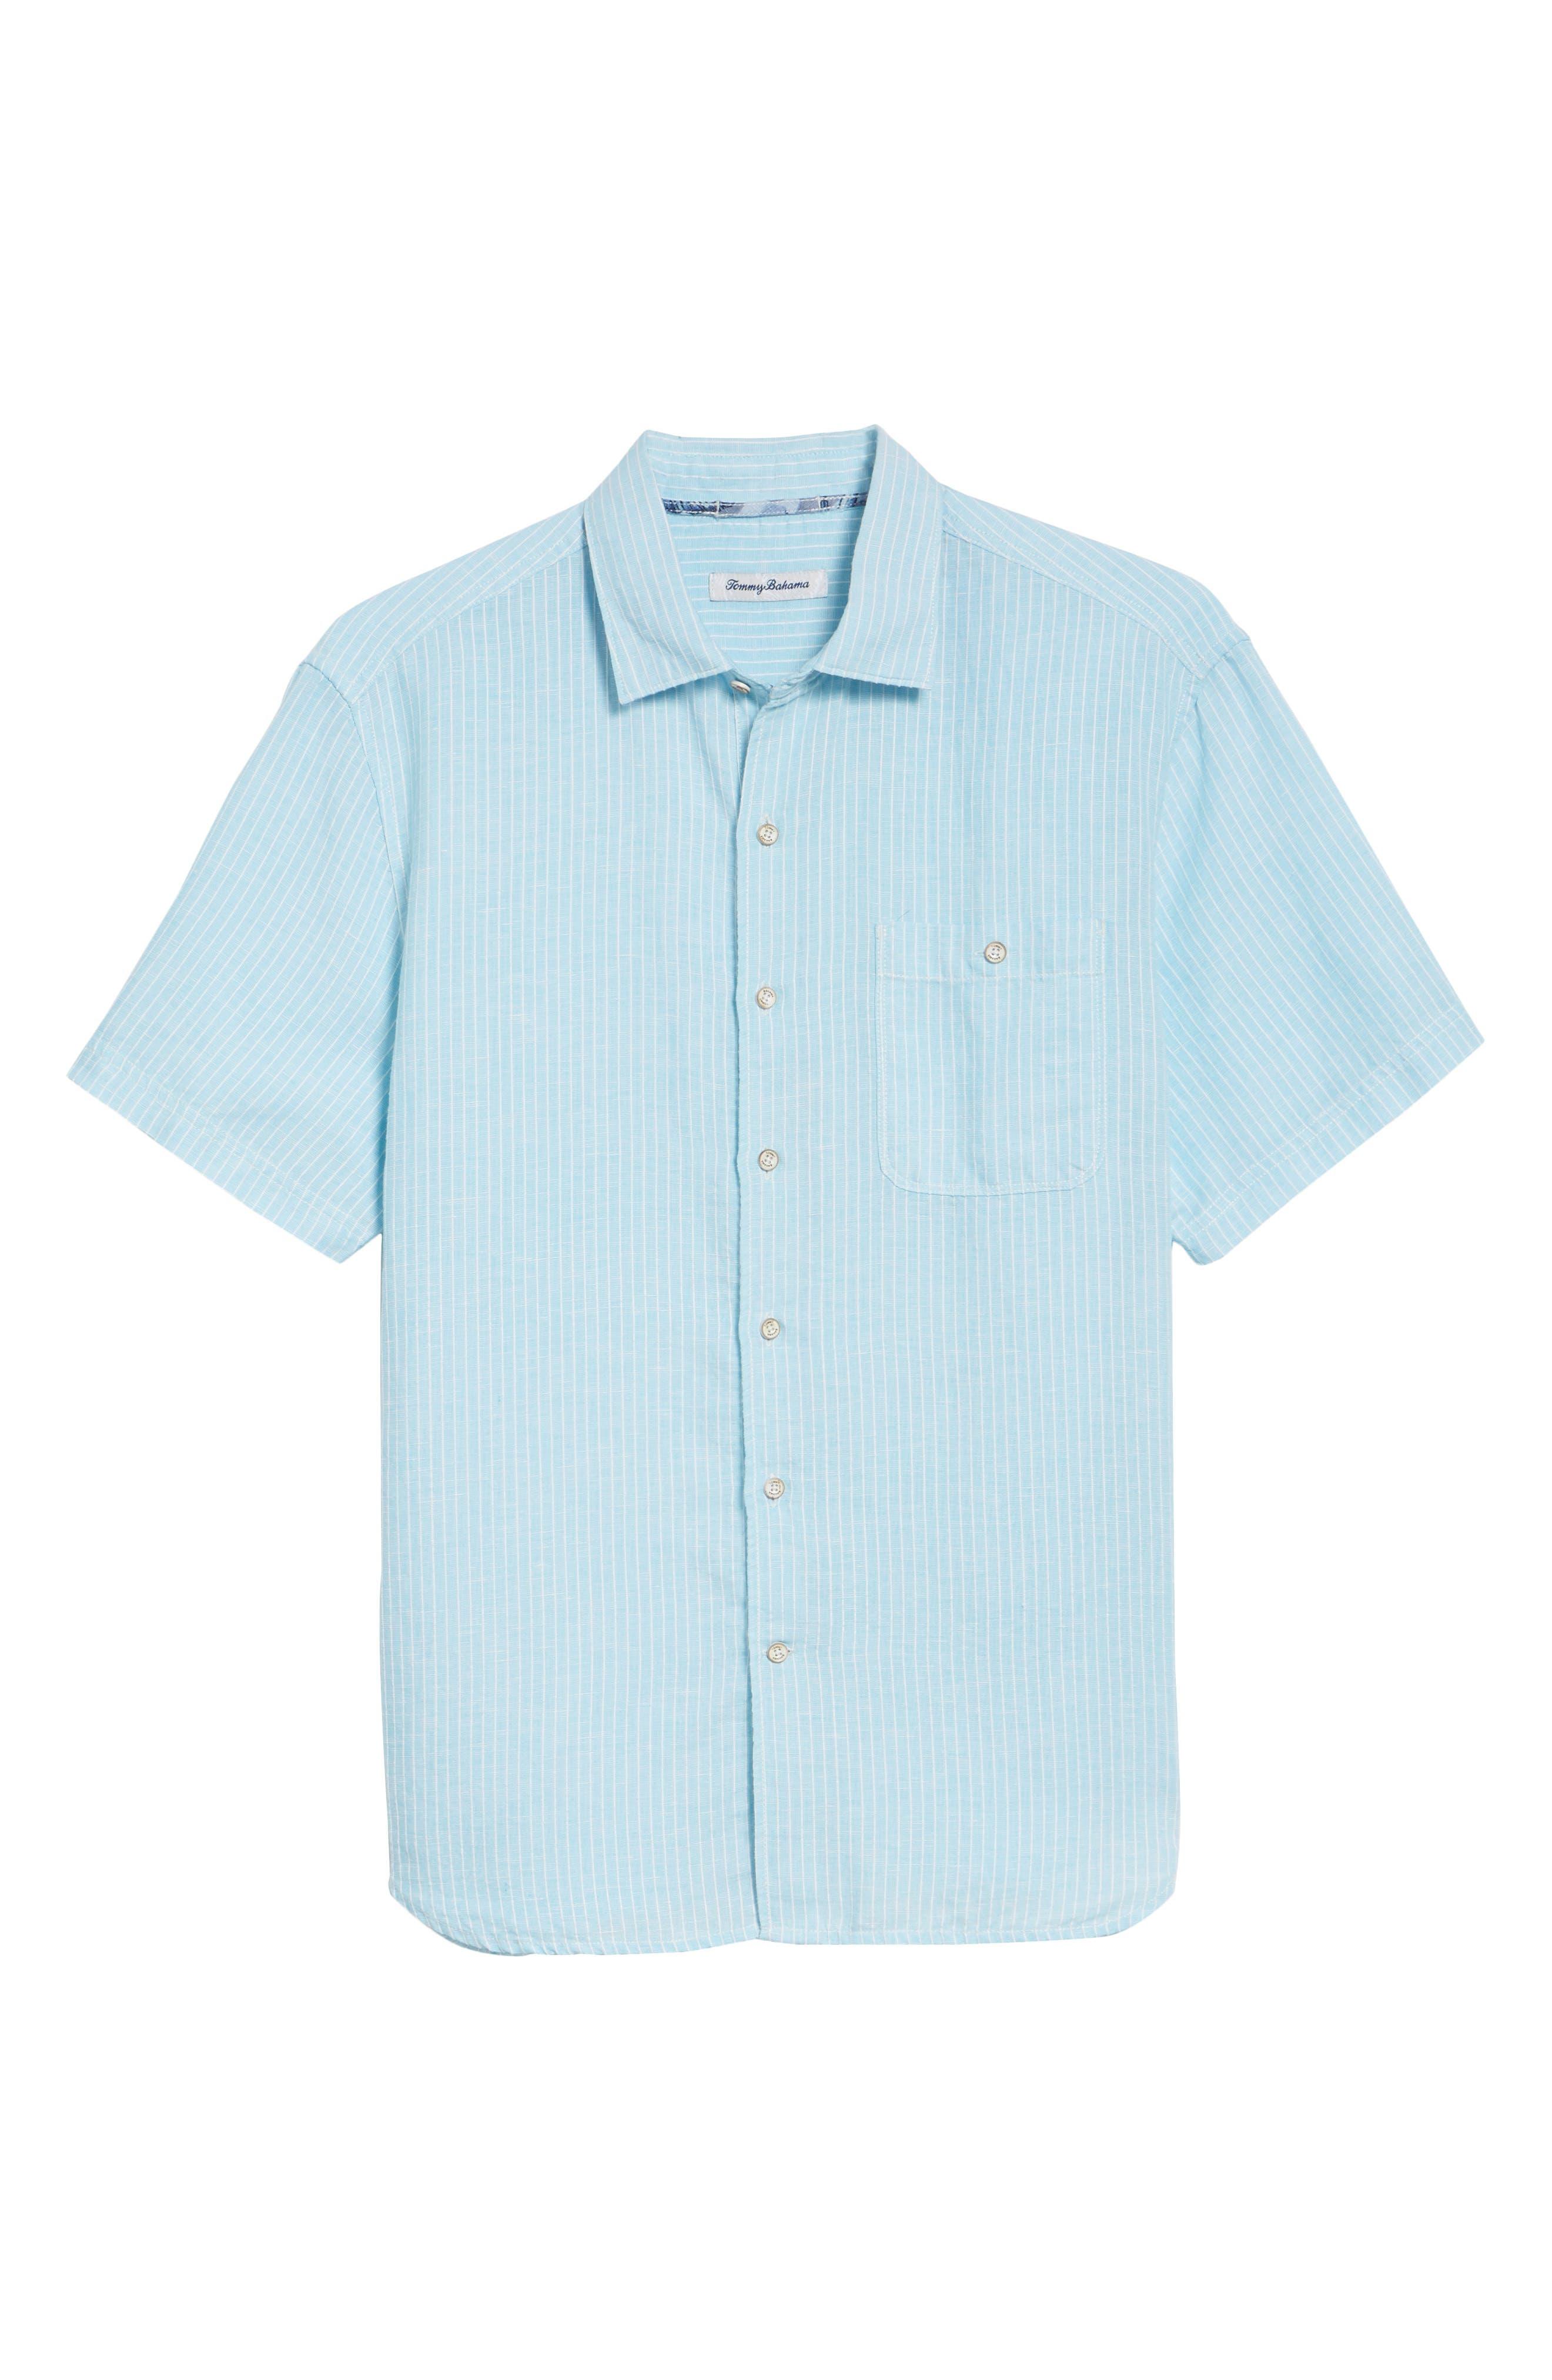 Sand Linen Dobby Stripe Sport Shirt,                             Alternate thumbnail 6, color,                             BLUE RADIANCE